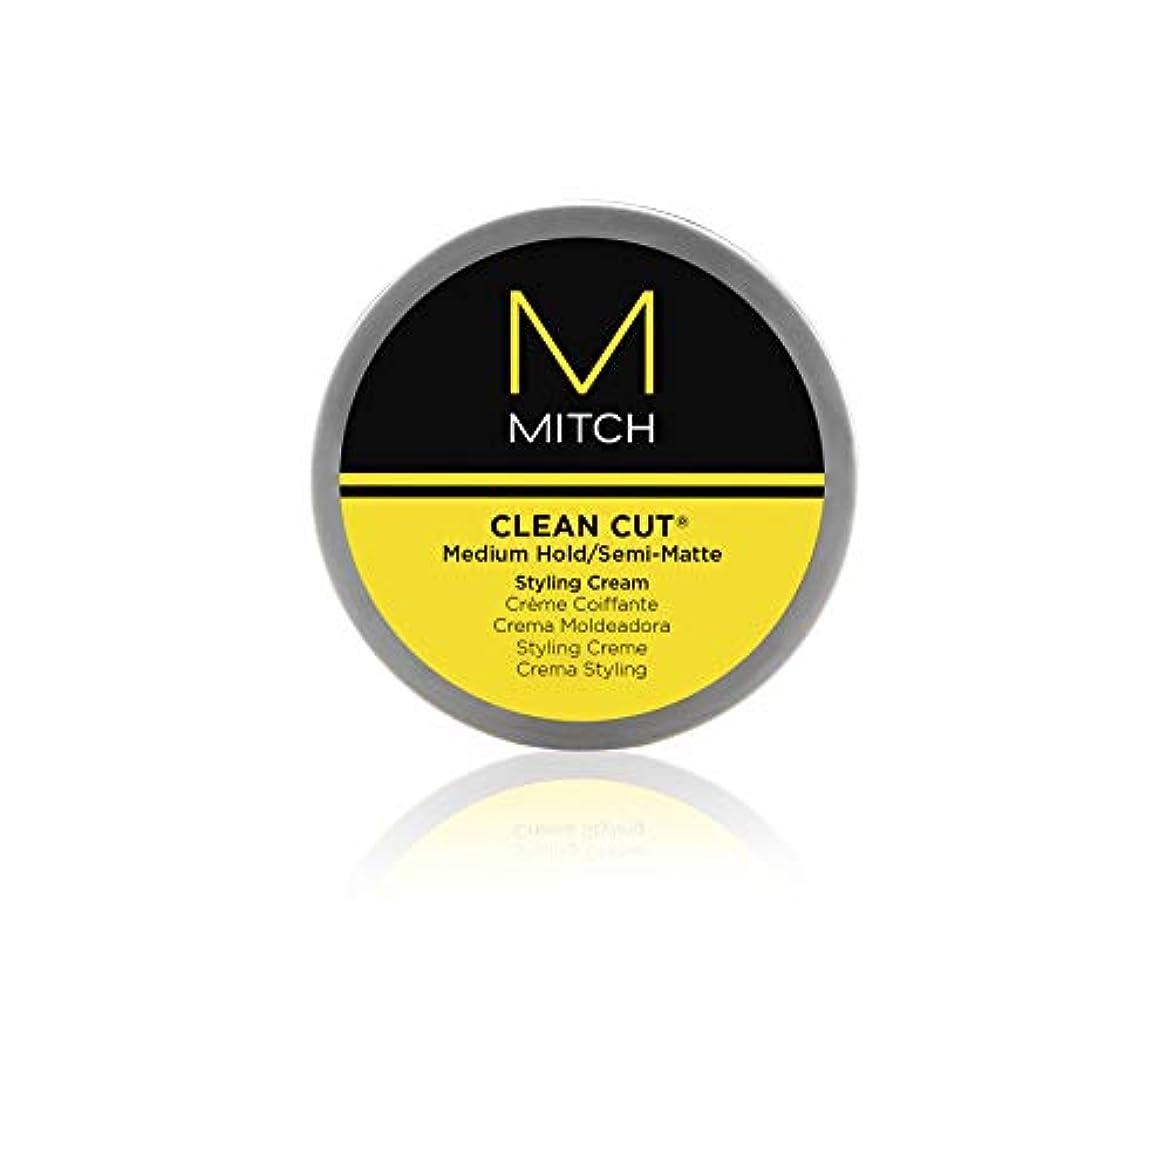 Mitch Clean Cut Medium Hold/Semi-Matte Styling Cream